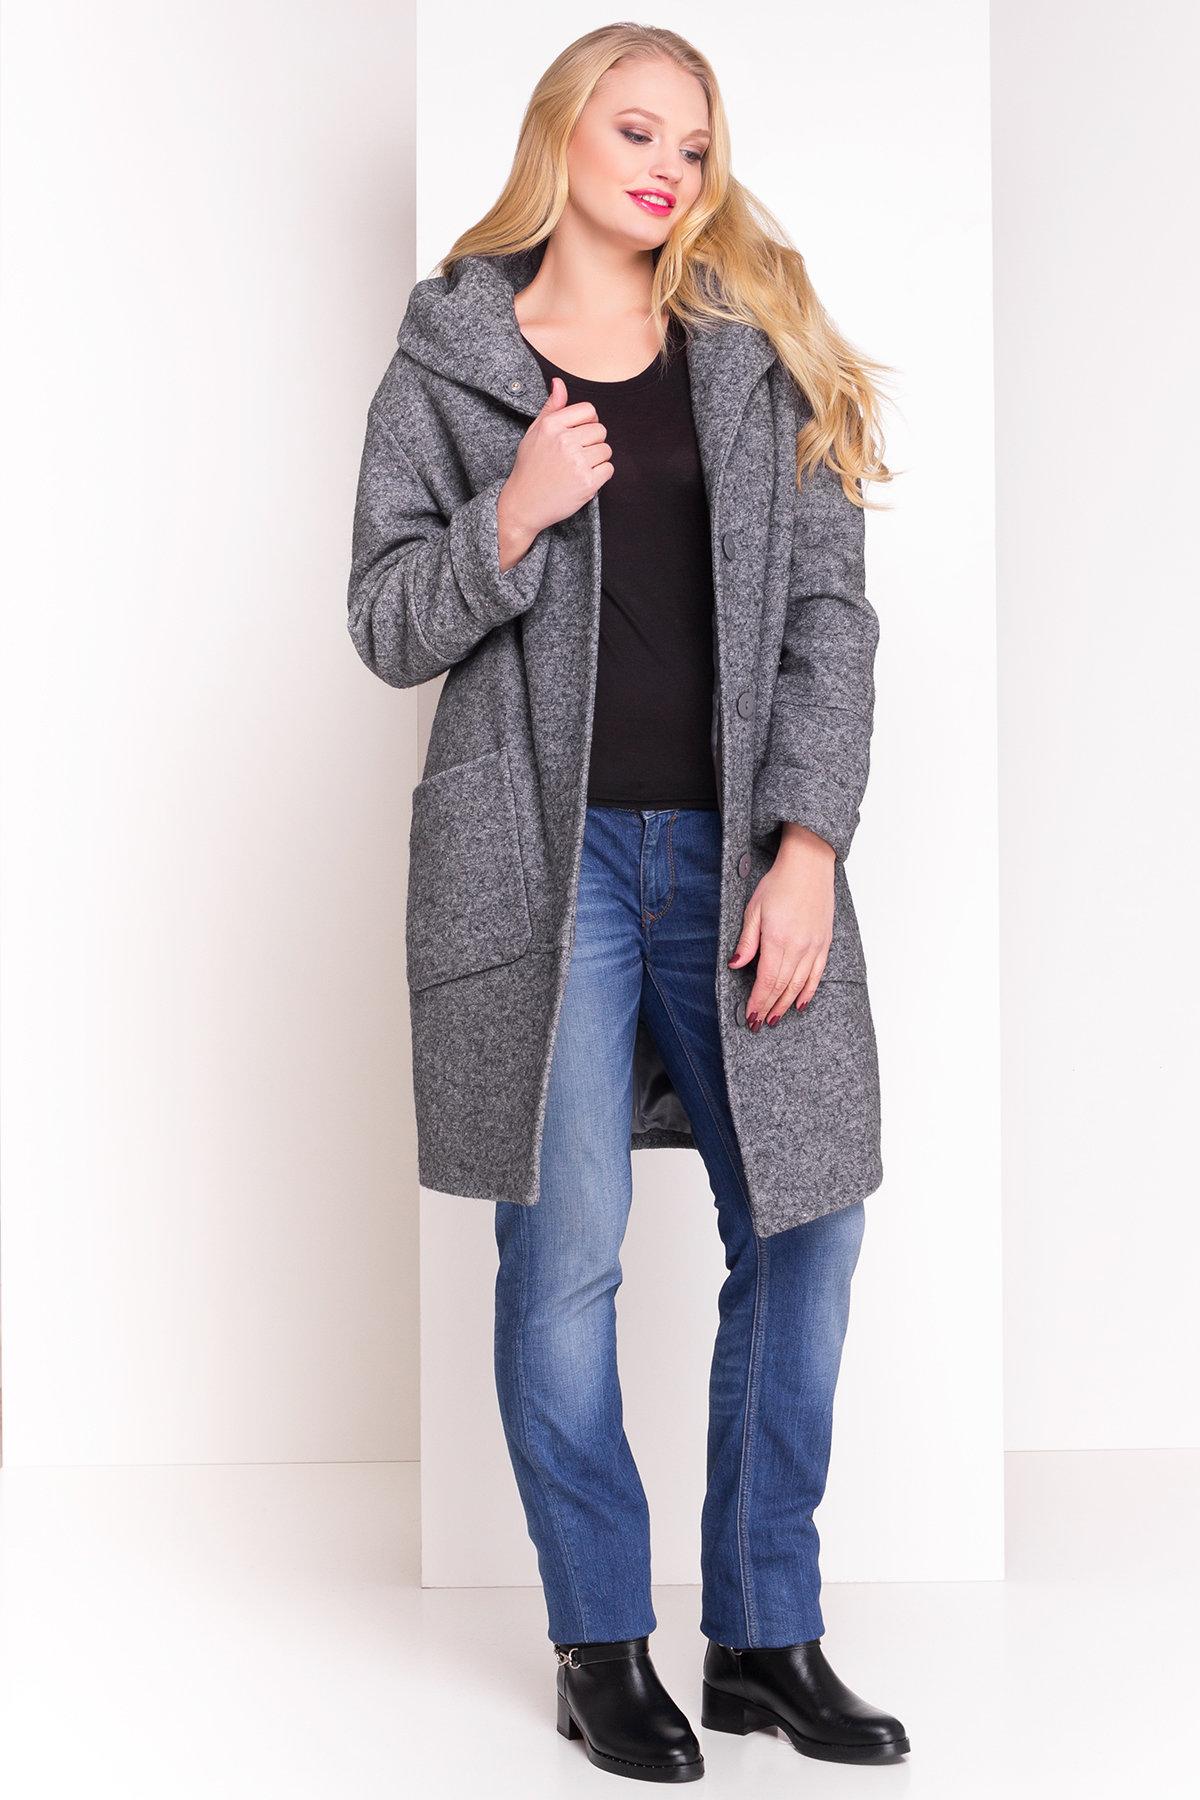 Пальто зима с капюшоном Анита Donna 3720 АРТ. 19290 Цвет: Серый Темный LW-5 - фото 1, интернет магазин tm-modus.ru